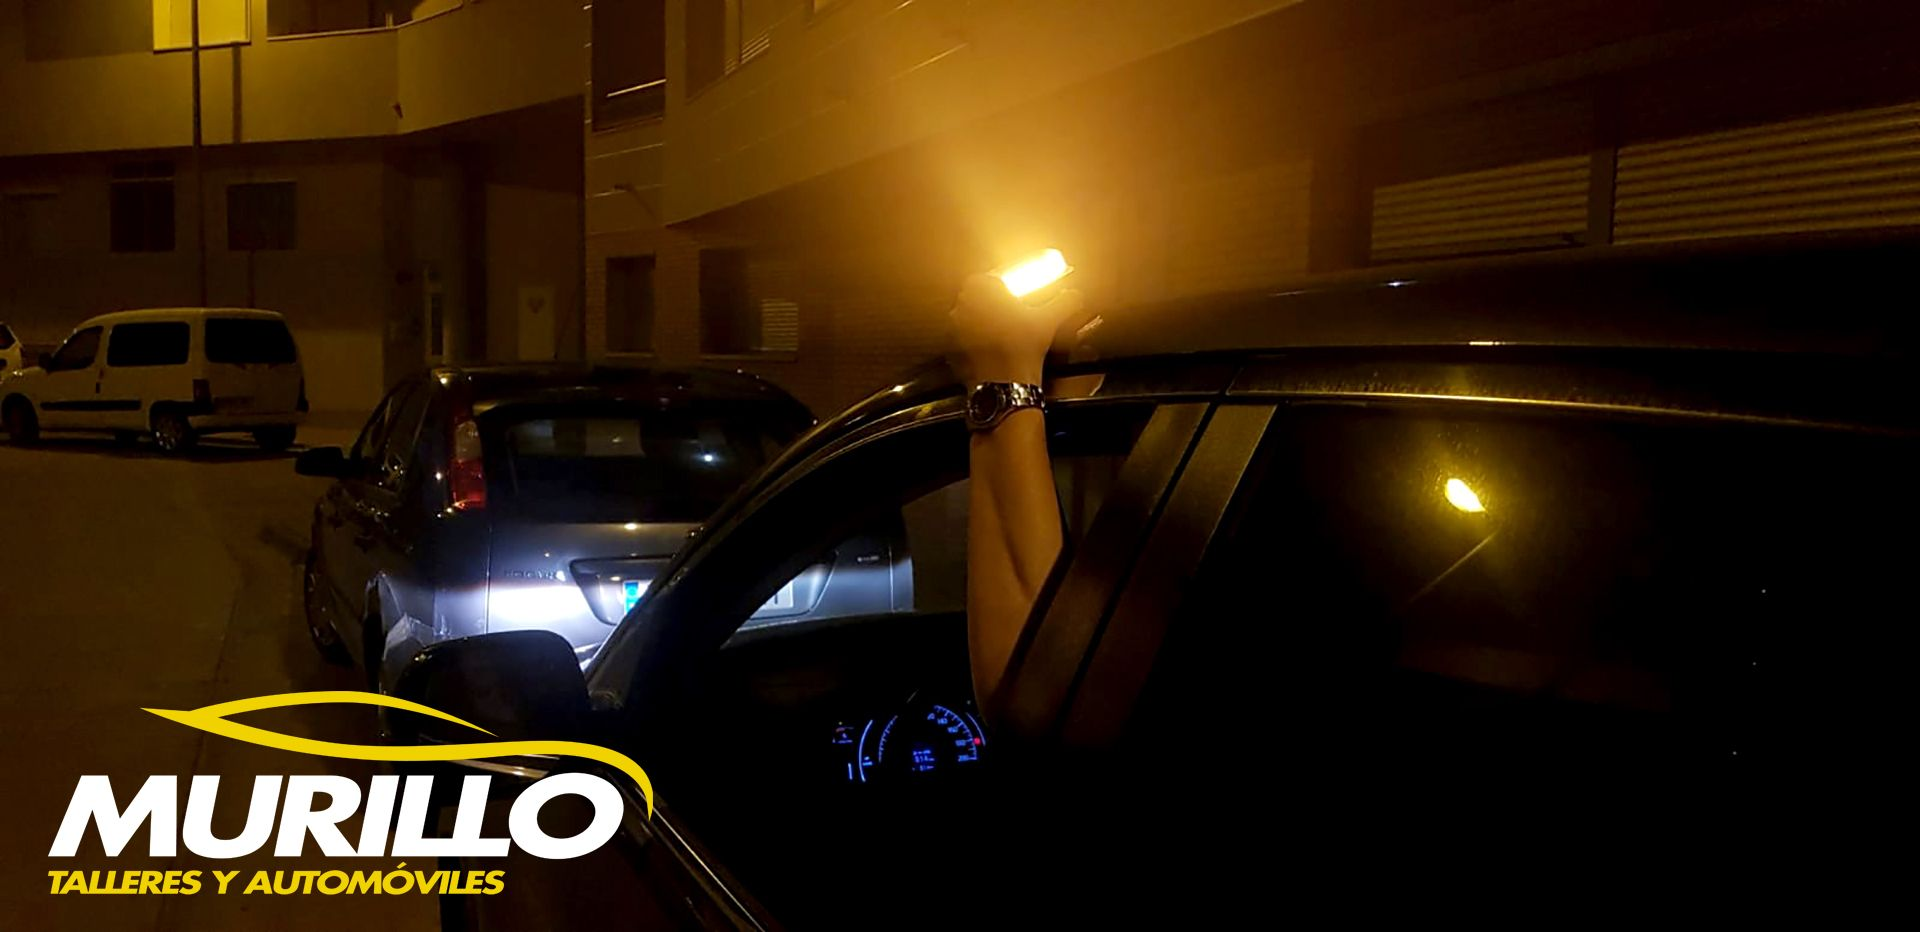 Talleres Murillo recomienda las nuevas luces de emergencia V-16 para vehículos